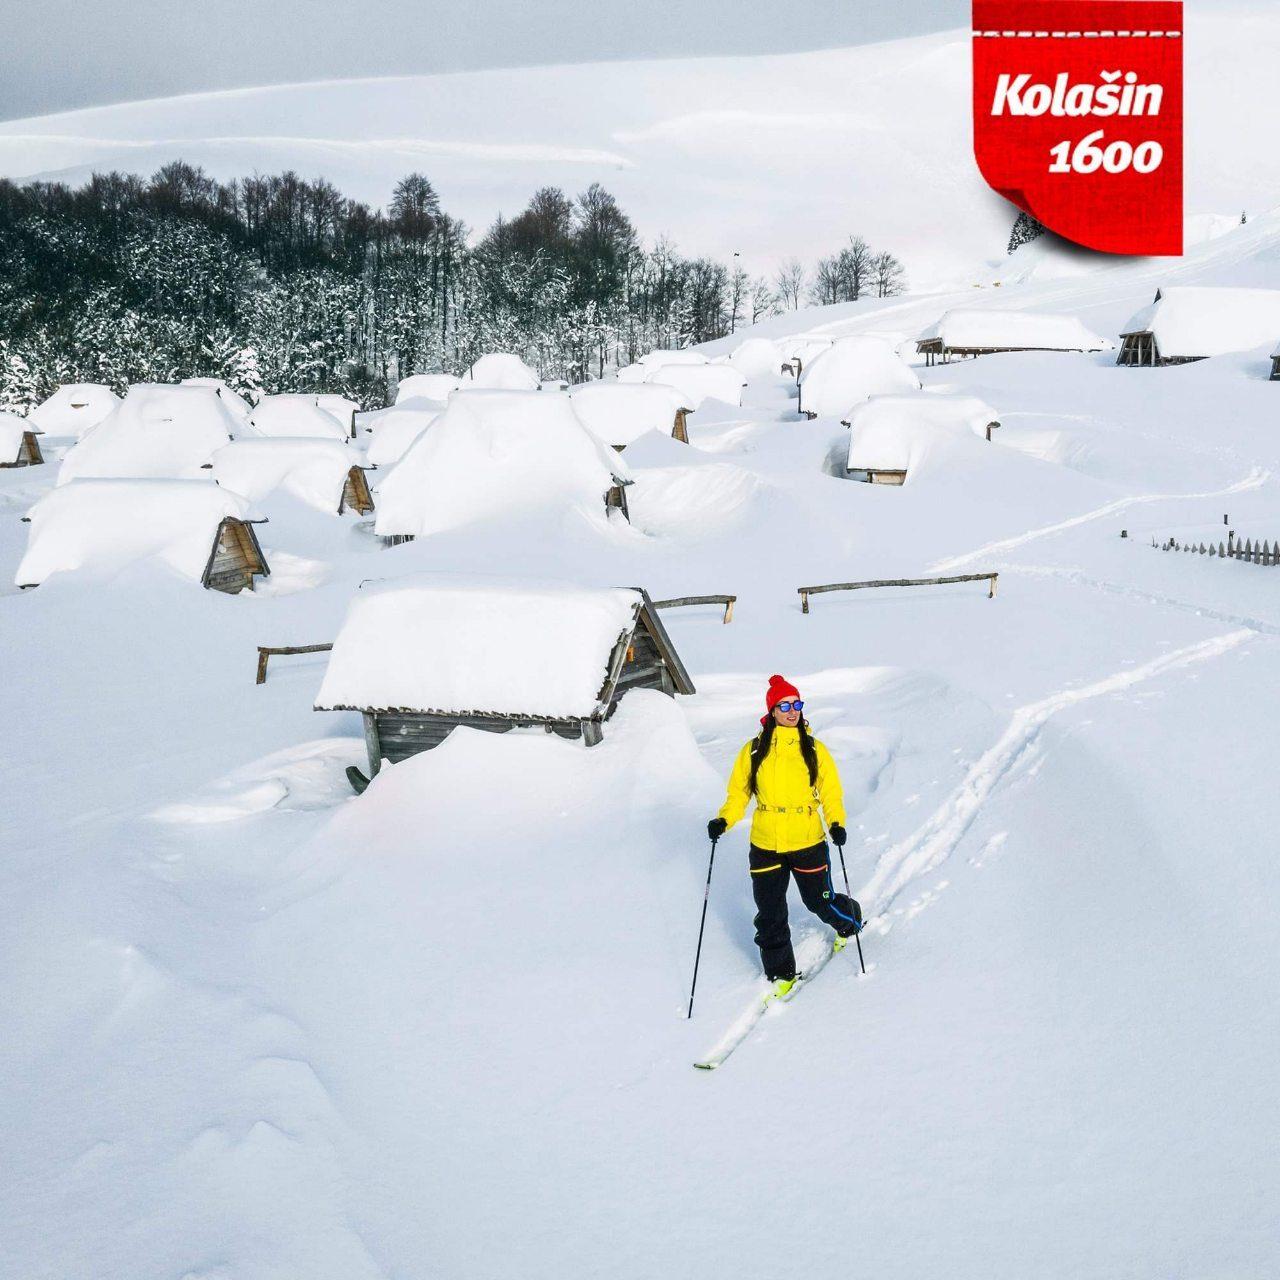 Iz Budve BESPLATNO na otvaranje skijališta Kolašin 1600!